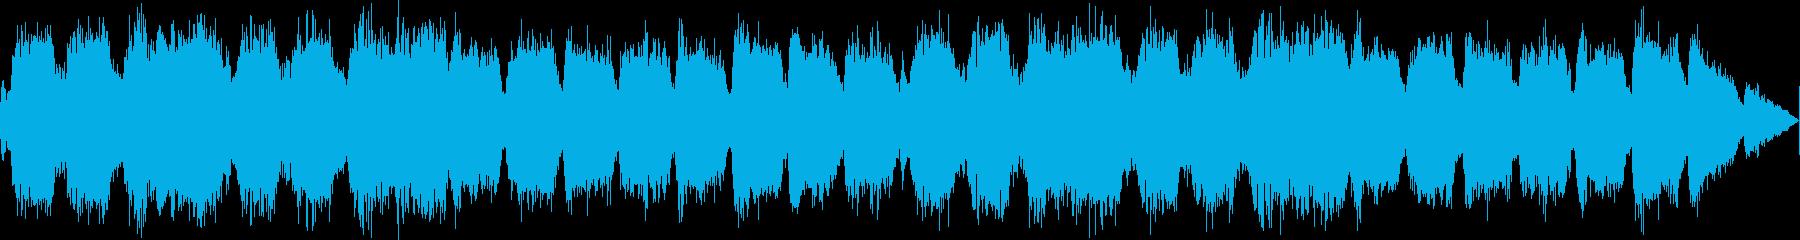 厳かな雰囲気のファンタジーコーラスBGMの再生済みの波形